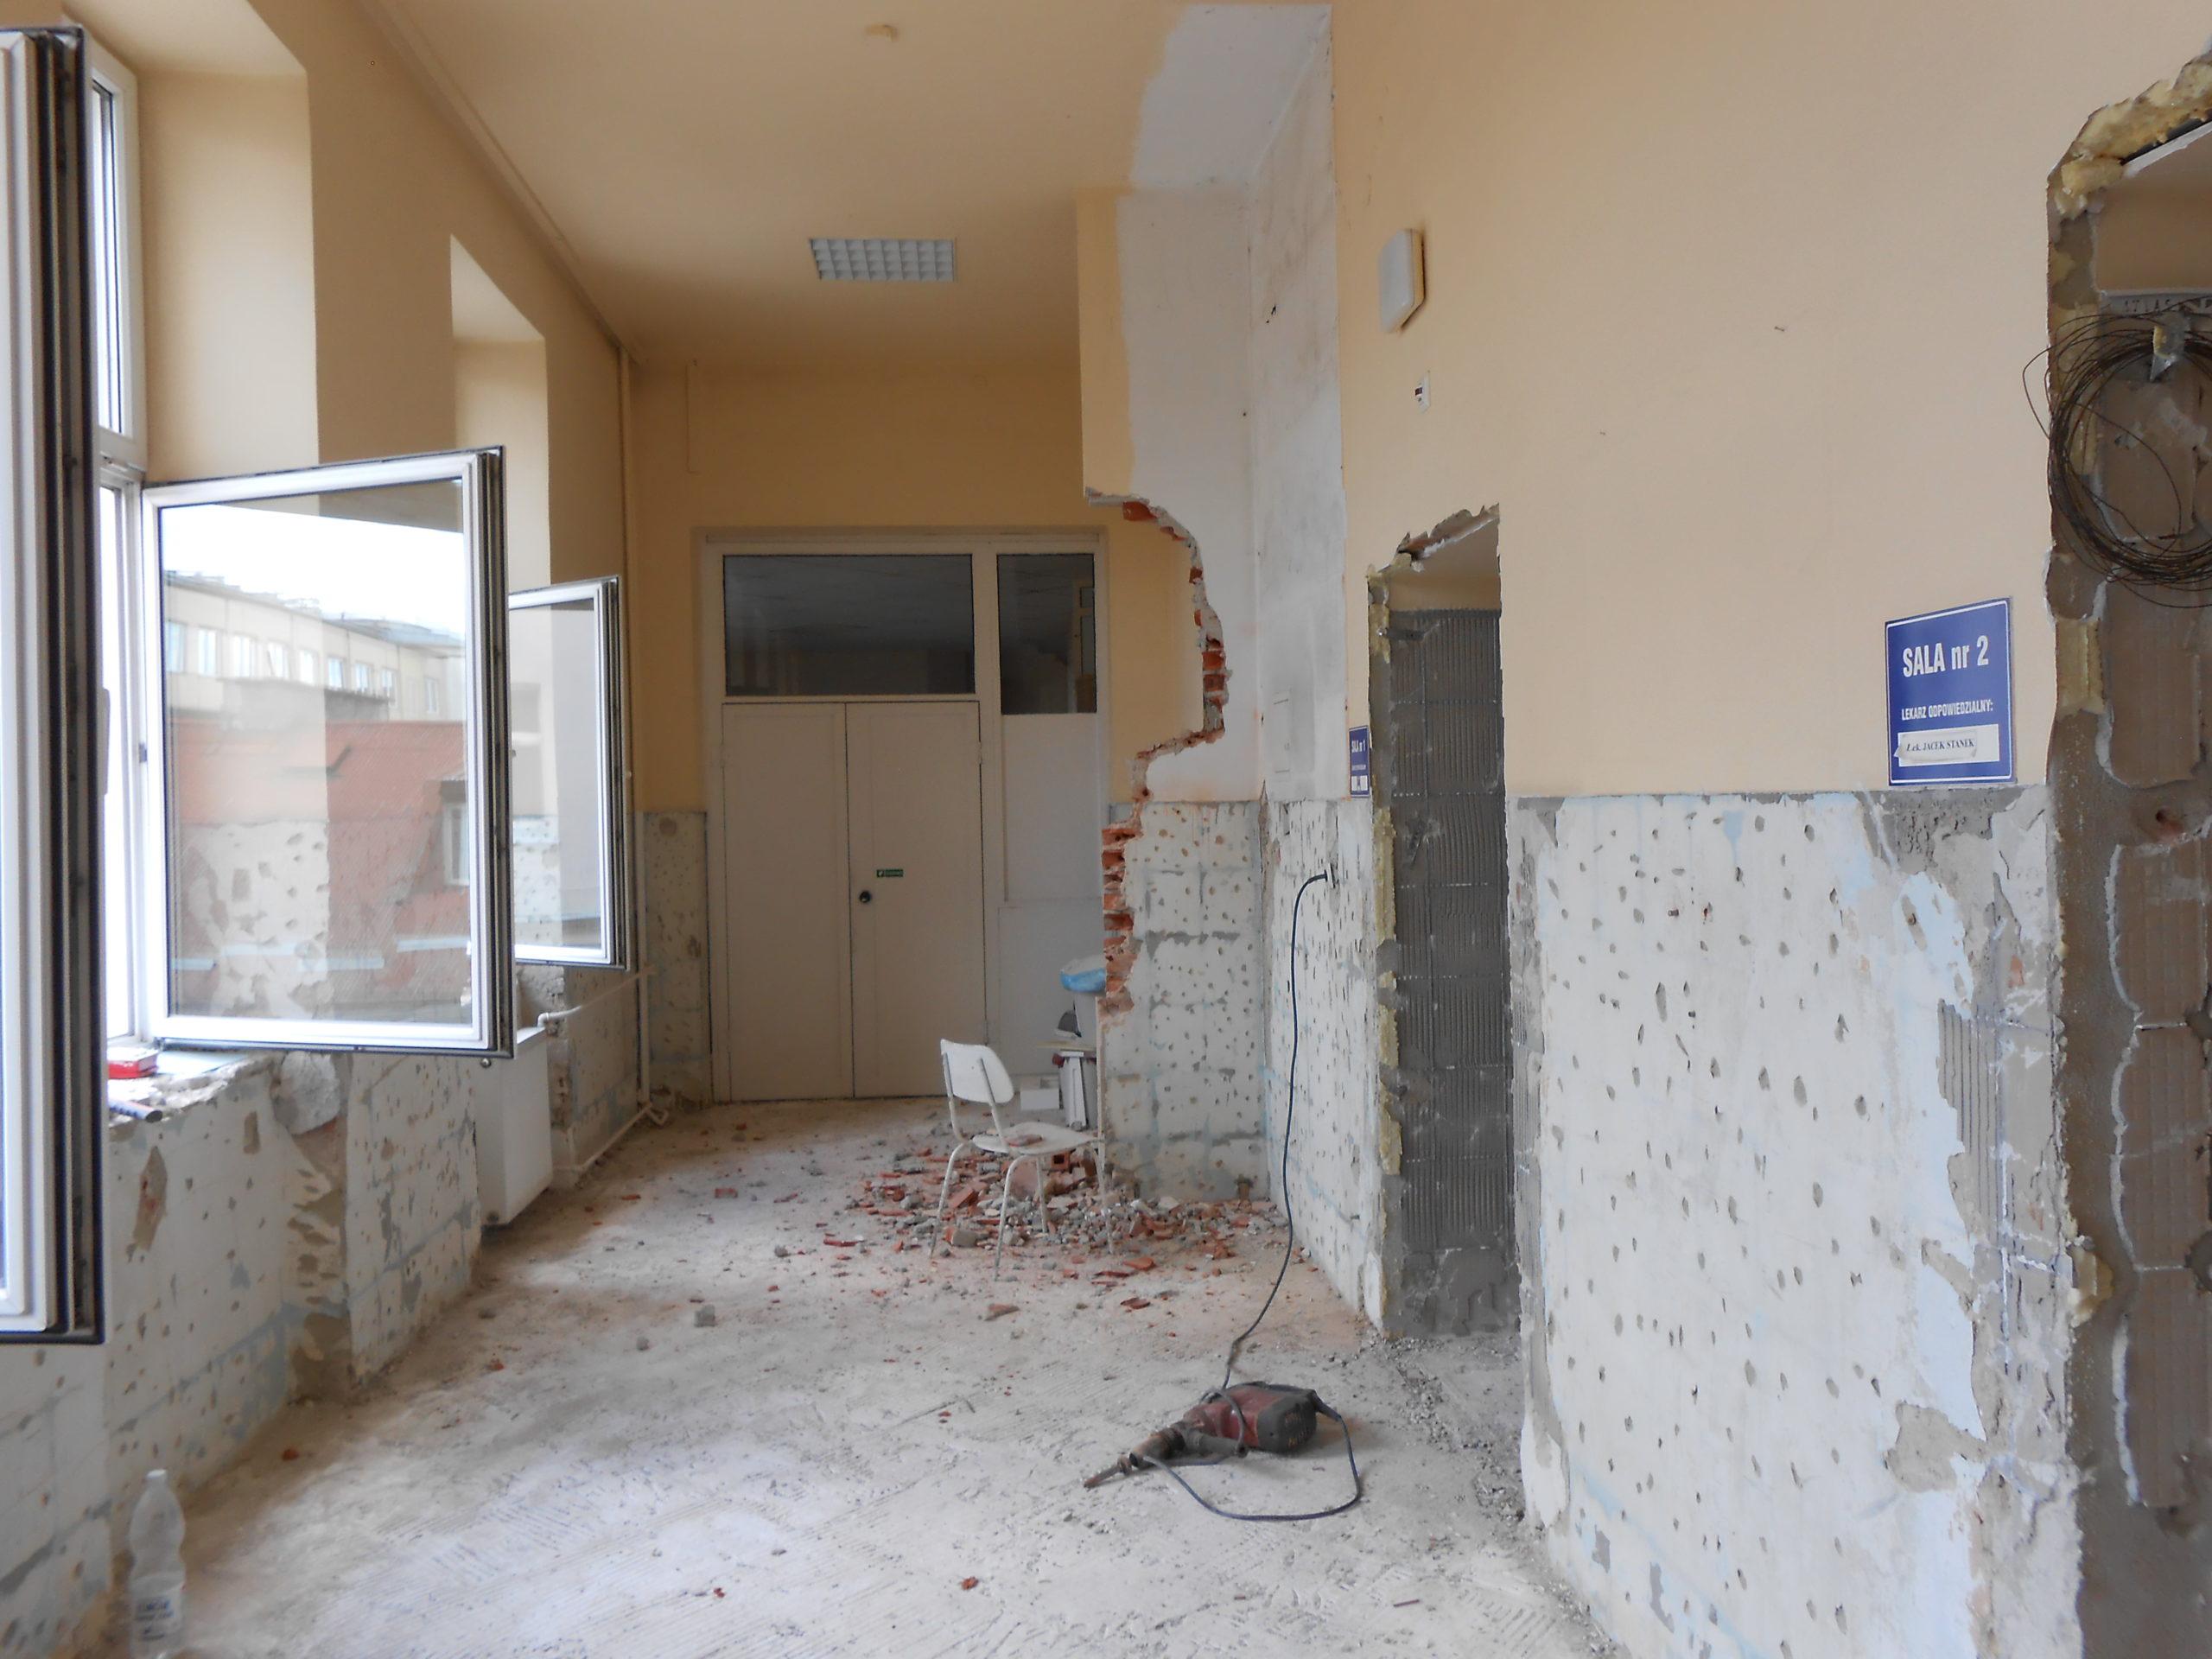 Oddział w trakcie remontu - zburzona ściana oraz ściągnięte płytki z posadzek.